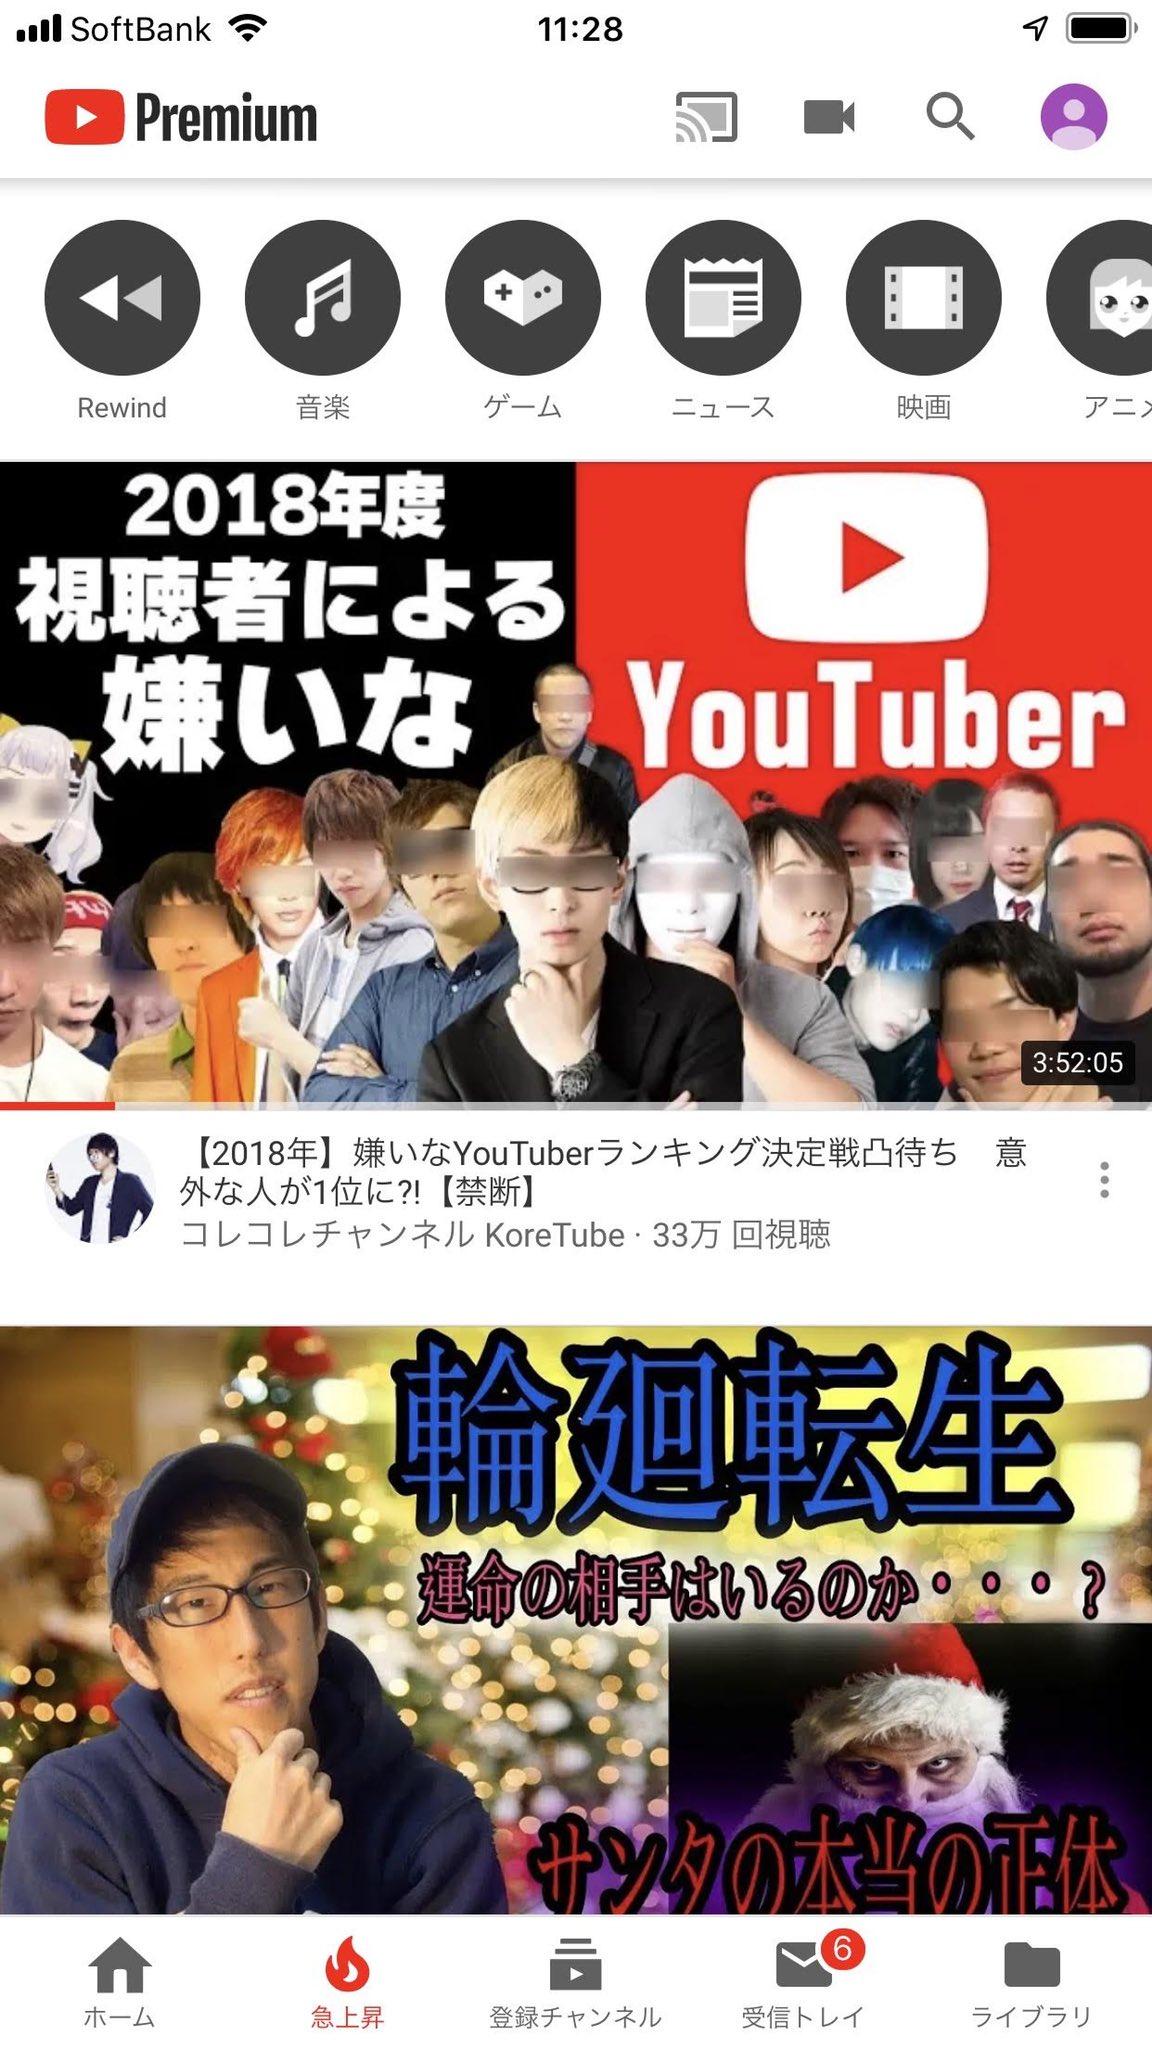 コレコレ Youtube